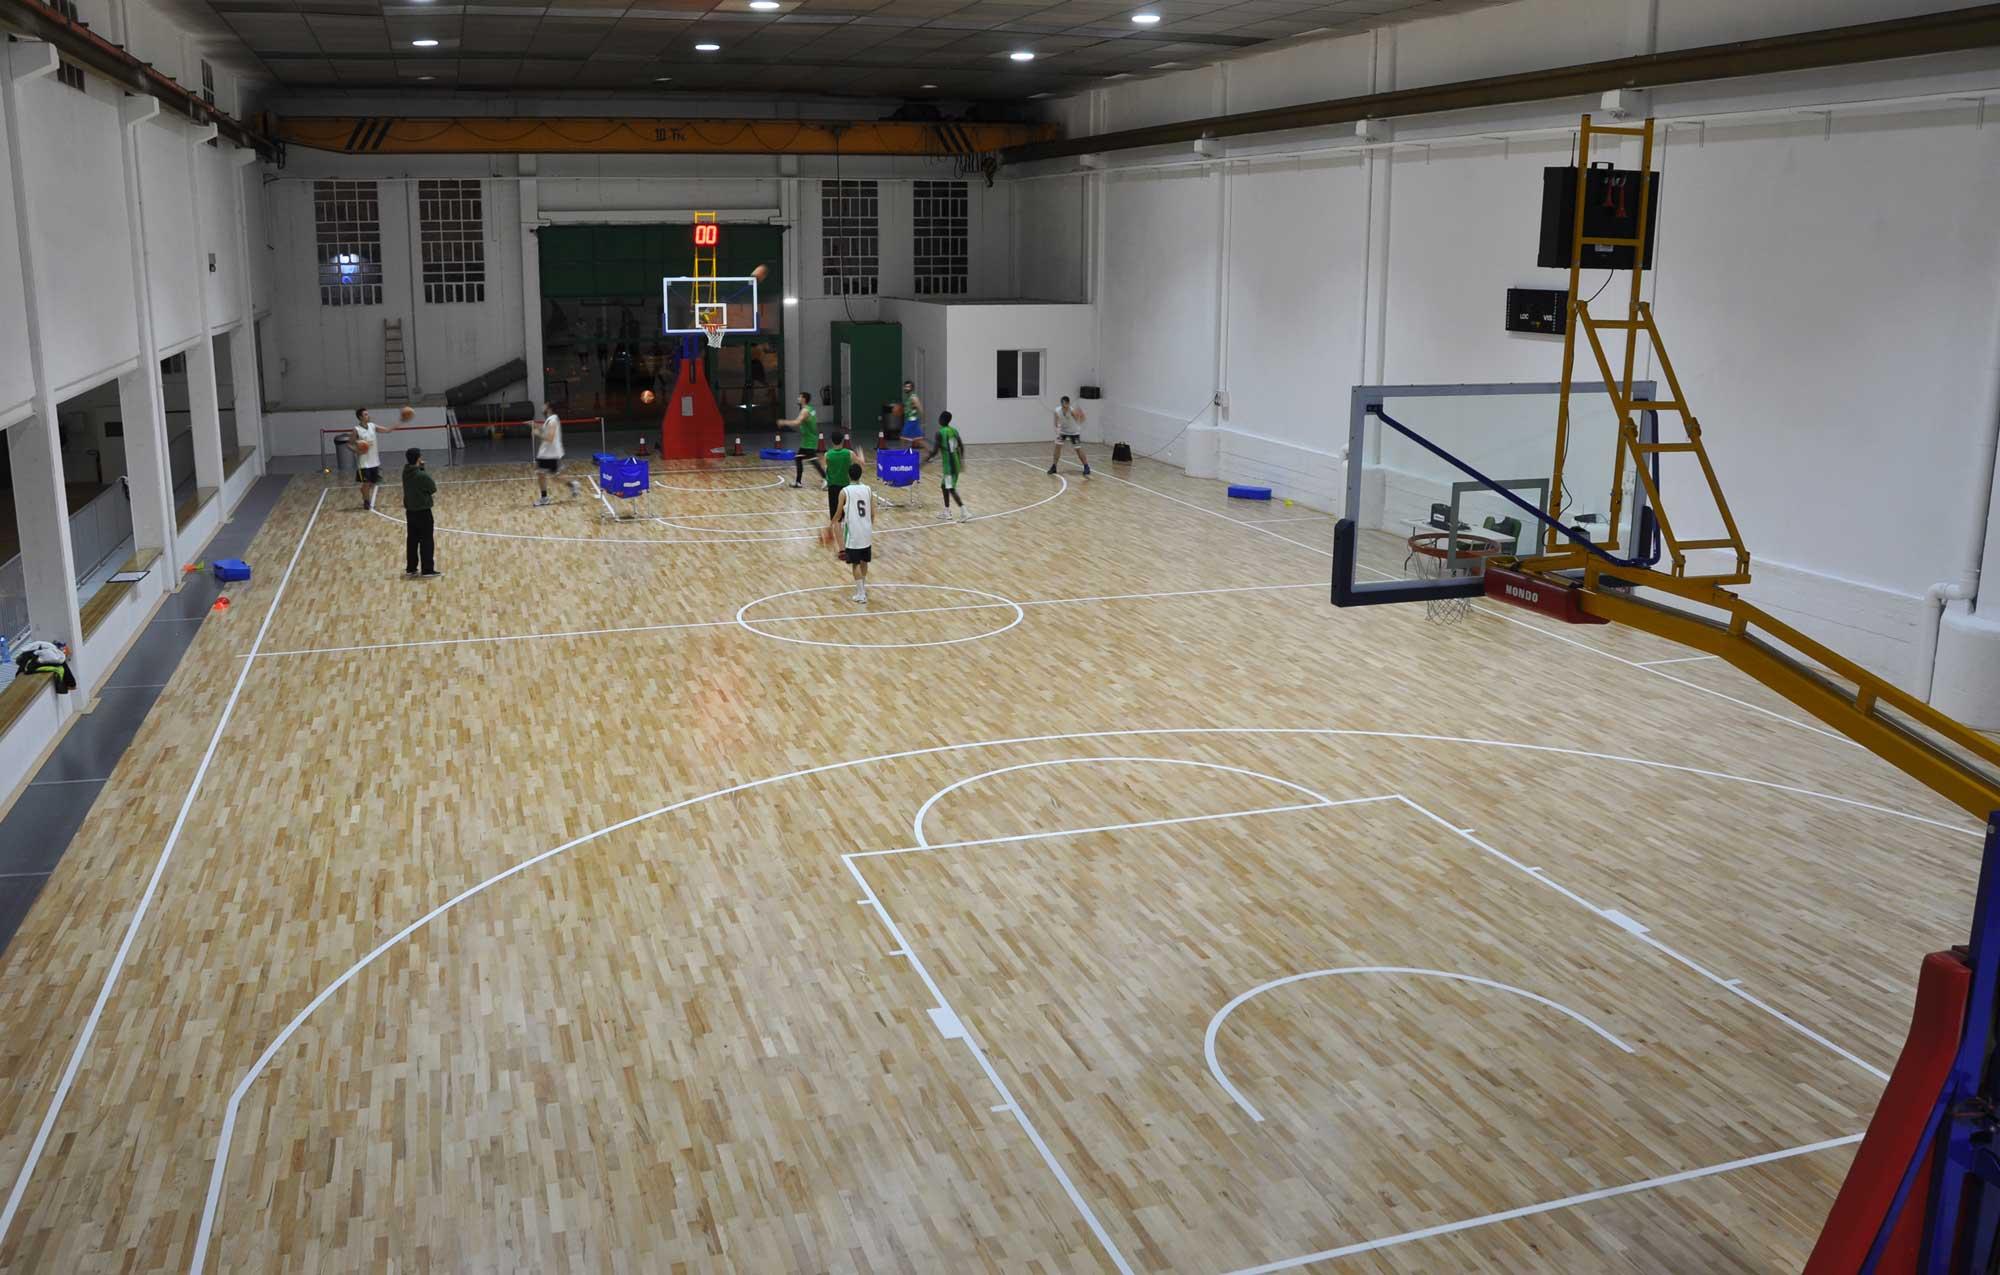 Club de Baloncesto Penas Huesca,  Huesca, Spain